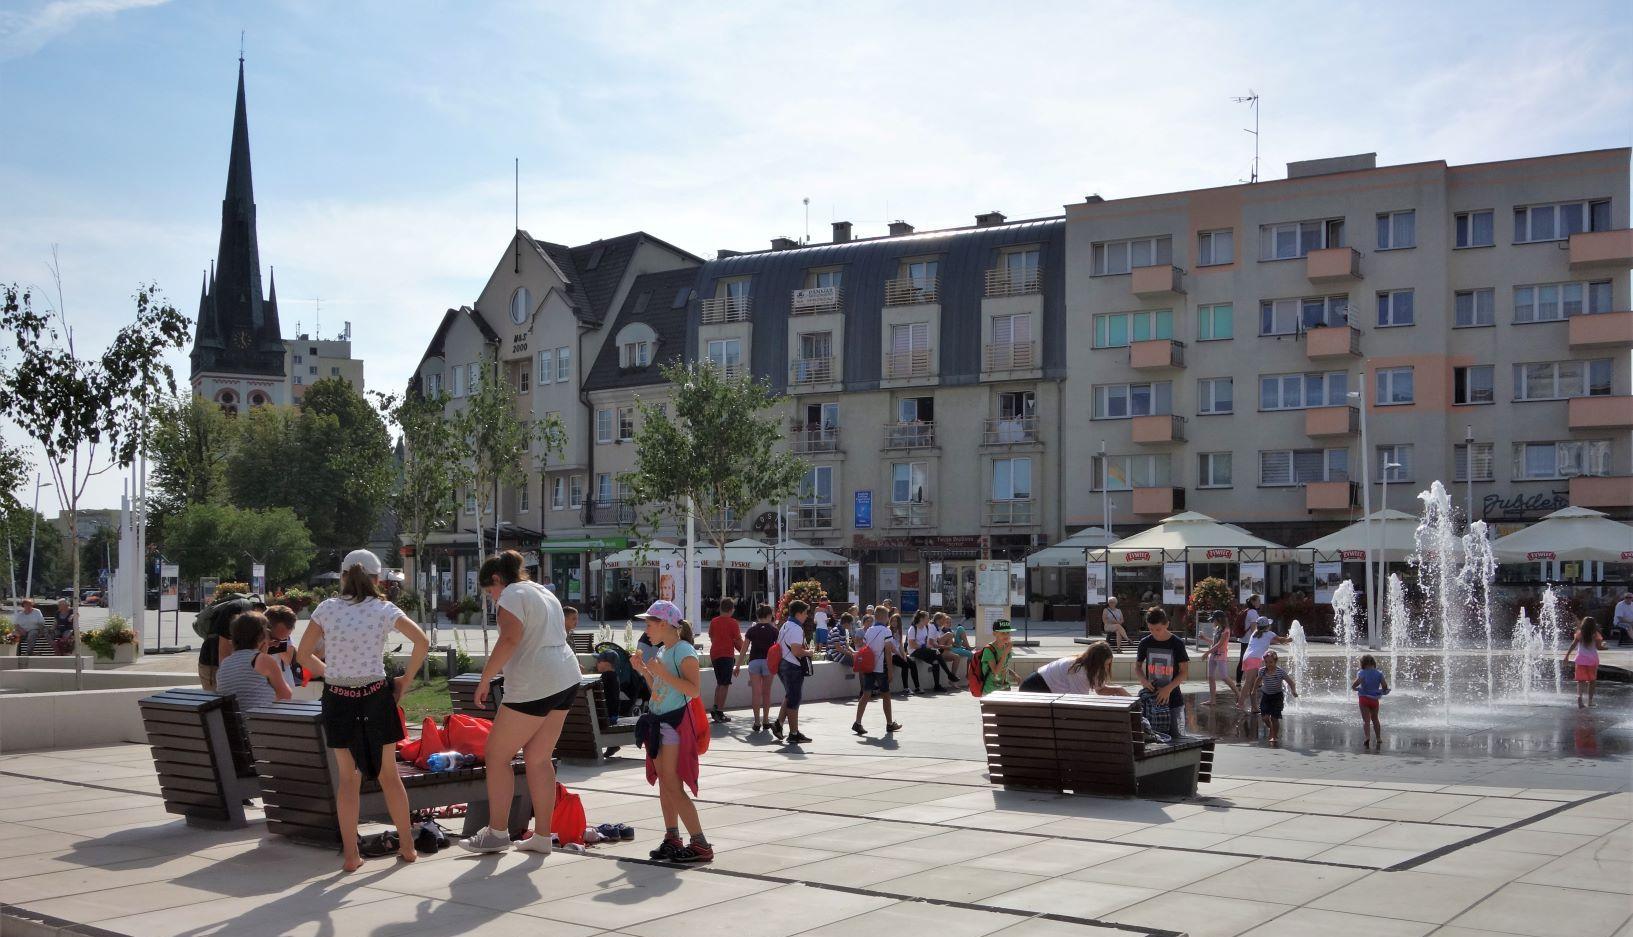 Centrum Svinoústí